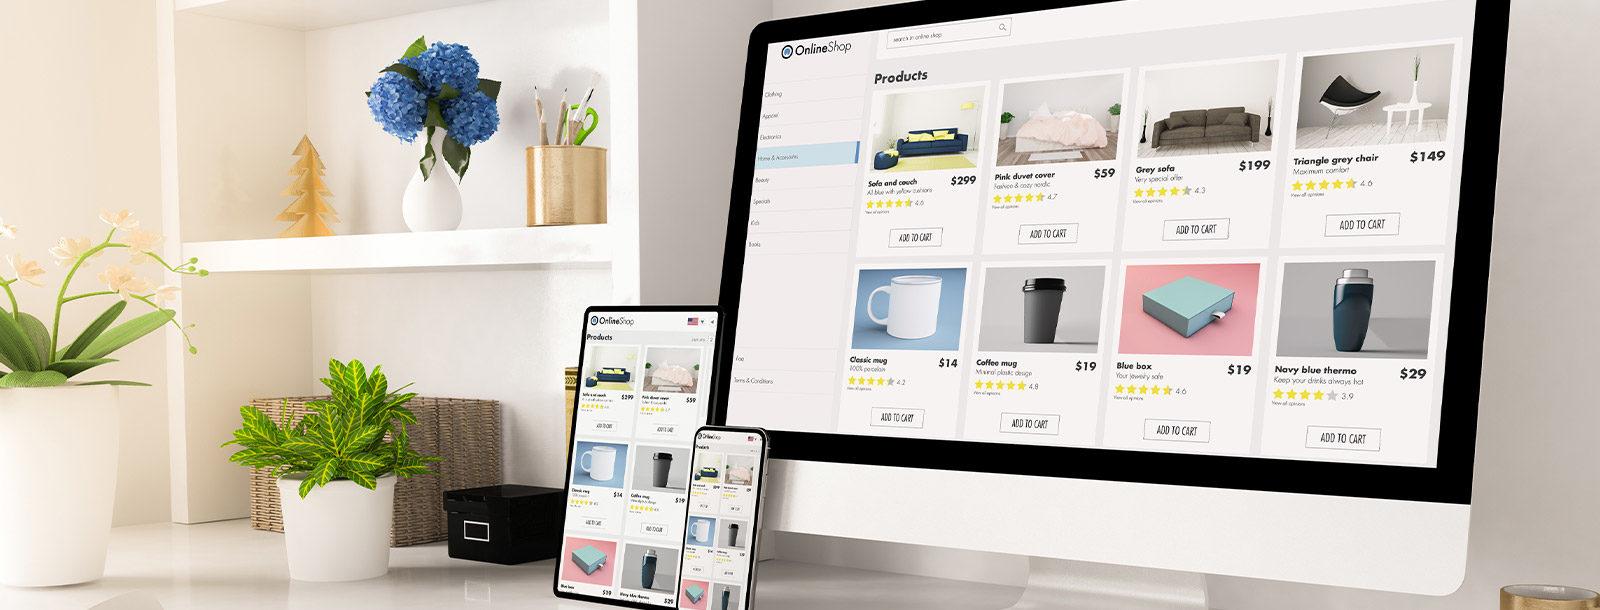 Conversion-Optimierung-Online-shop